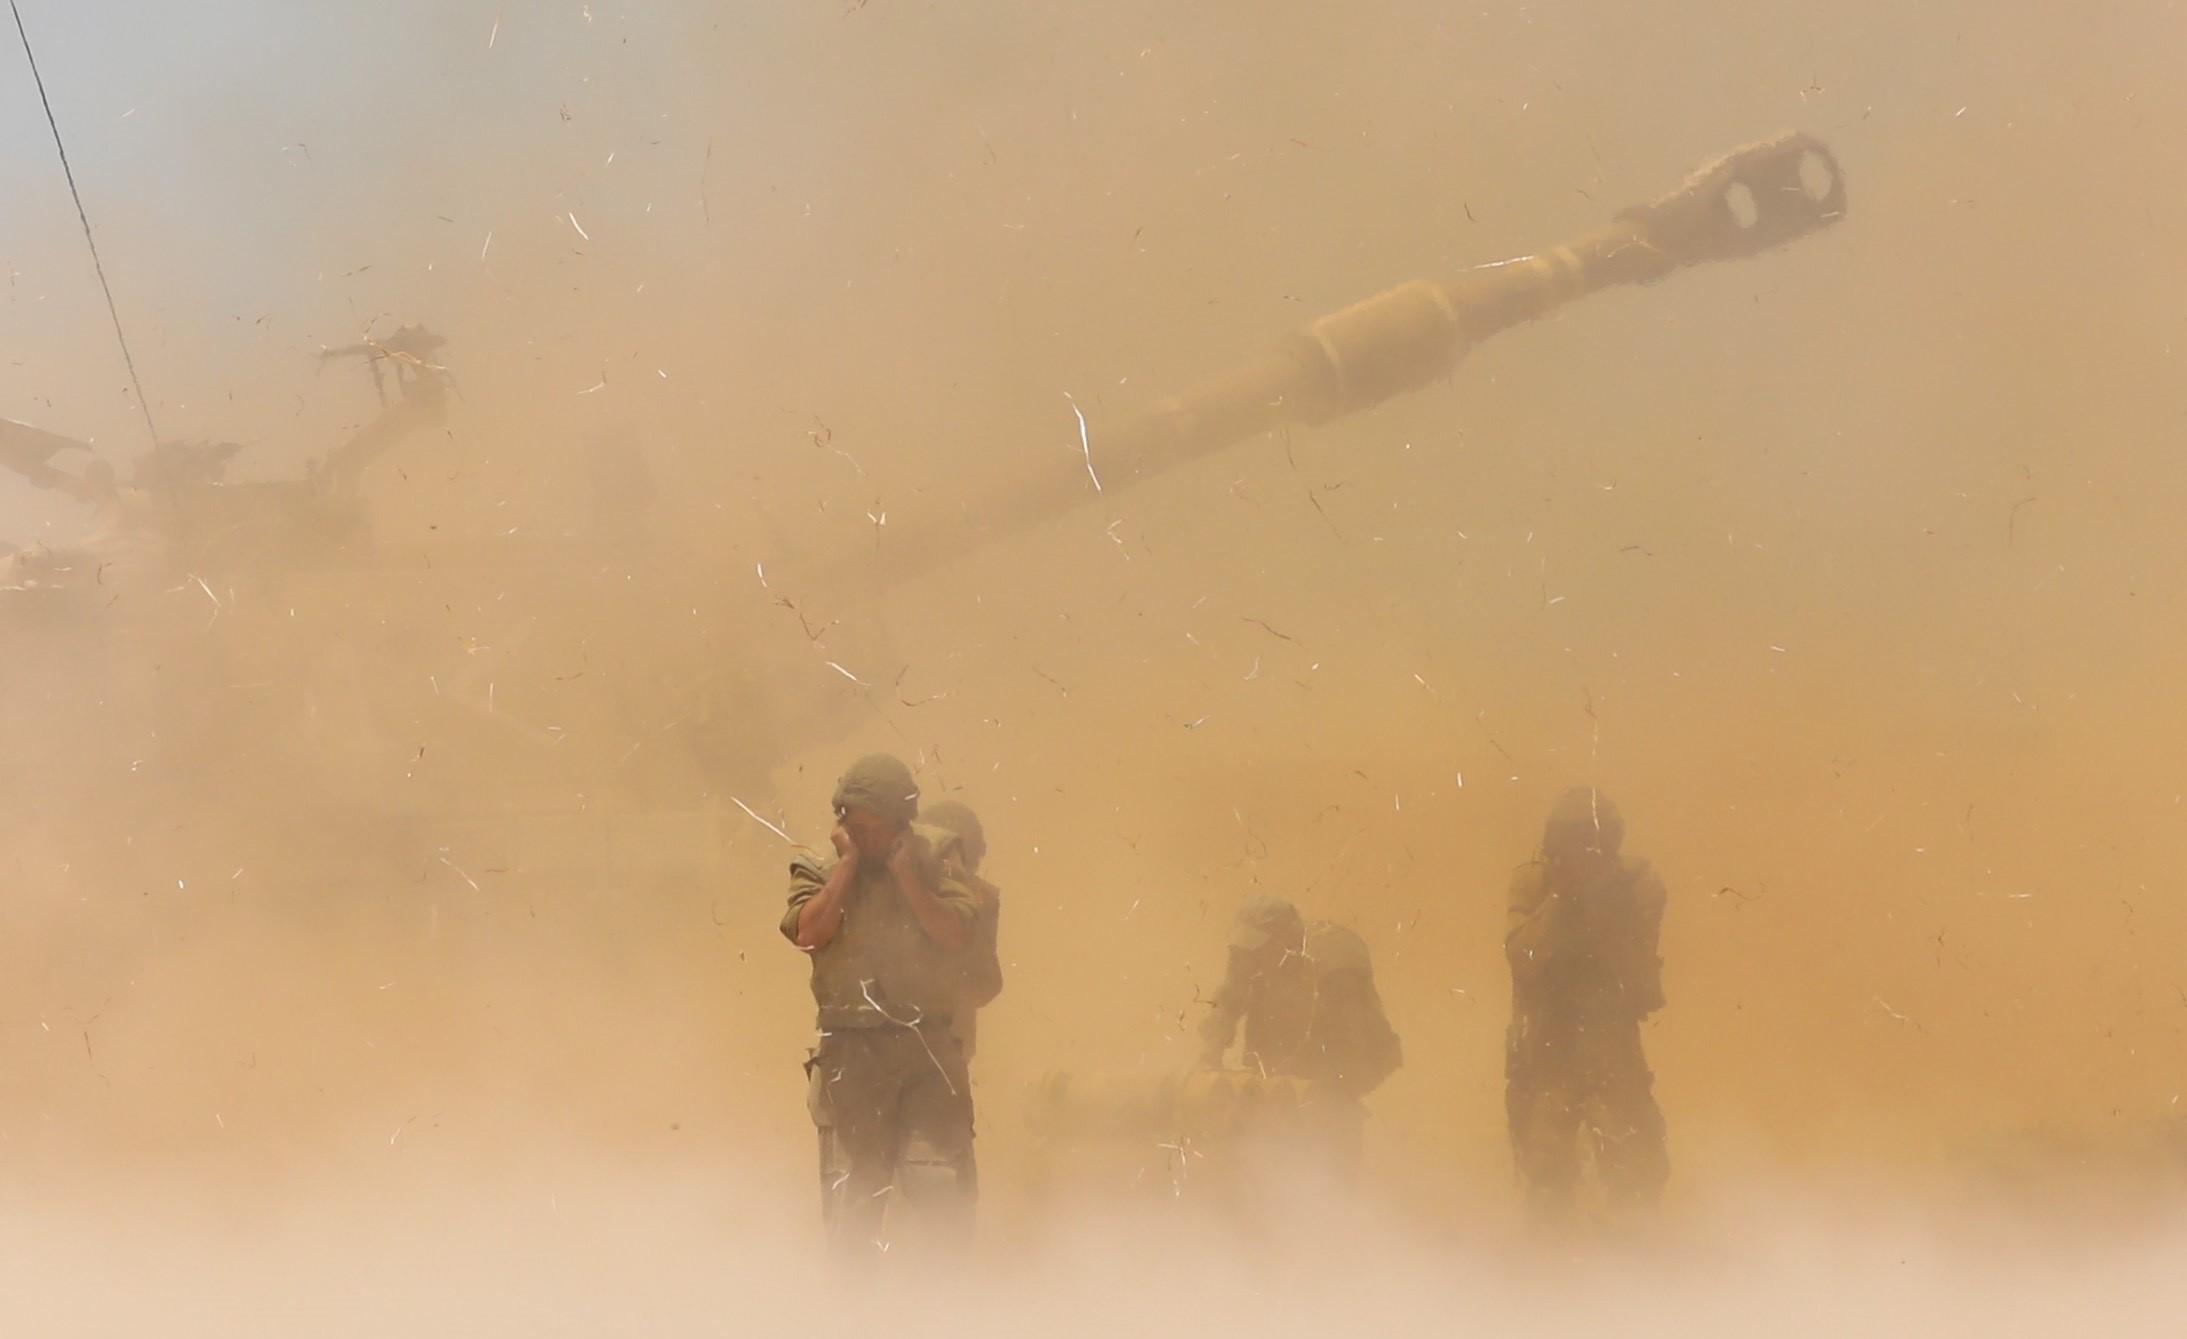 В Газа Израел действа срещу организирани терористични армии, заяви висш военен от еврейската държава